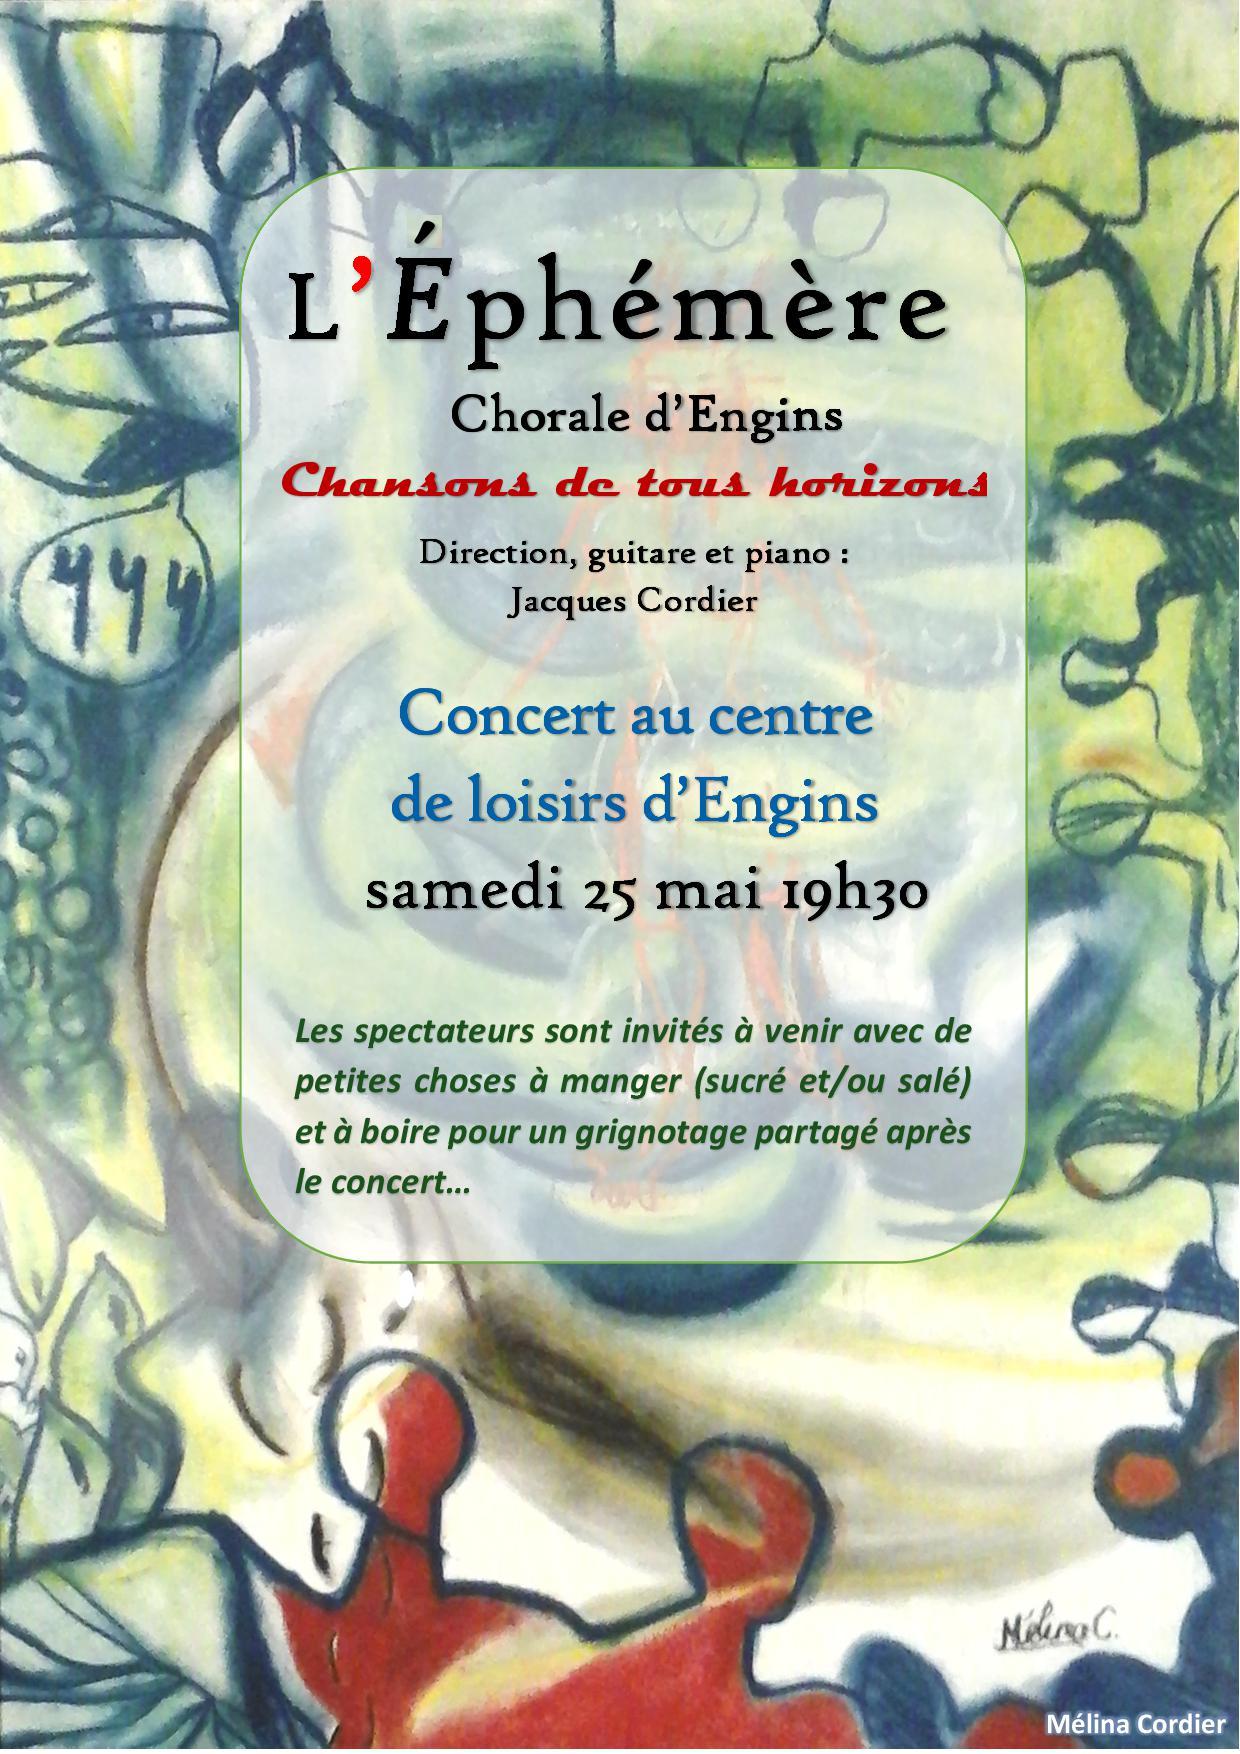 L'éphémère, chorale d'Engins - Chansons de tous horizons @ Agopop, Maison des habitants